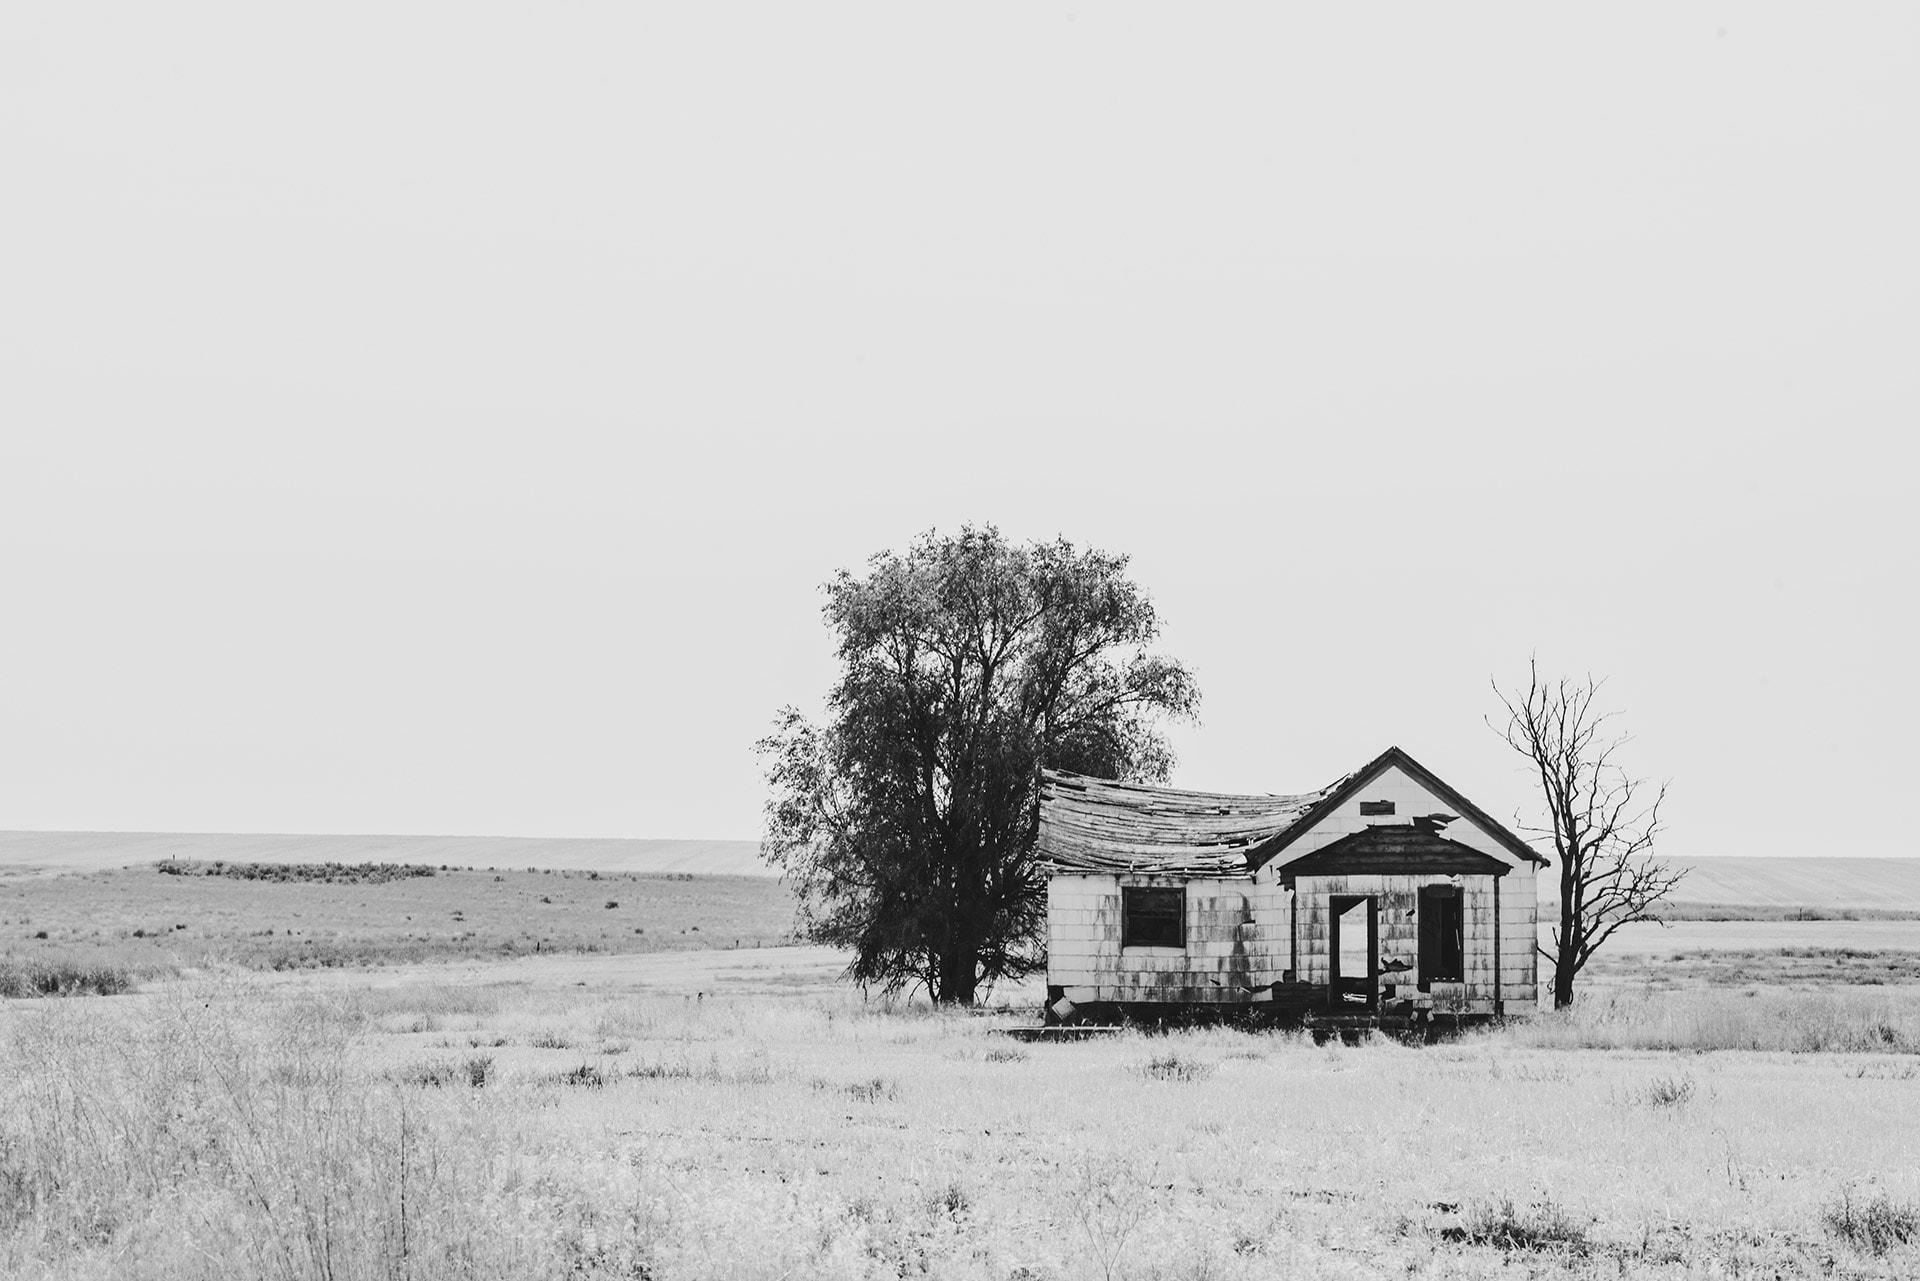 artnorama - Abandoned House